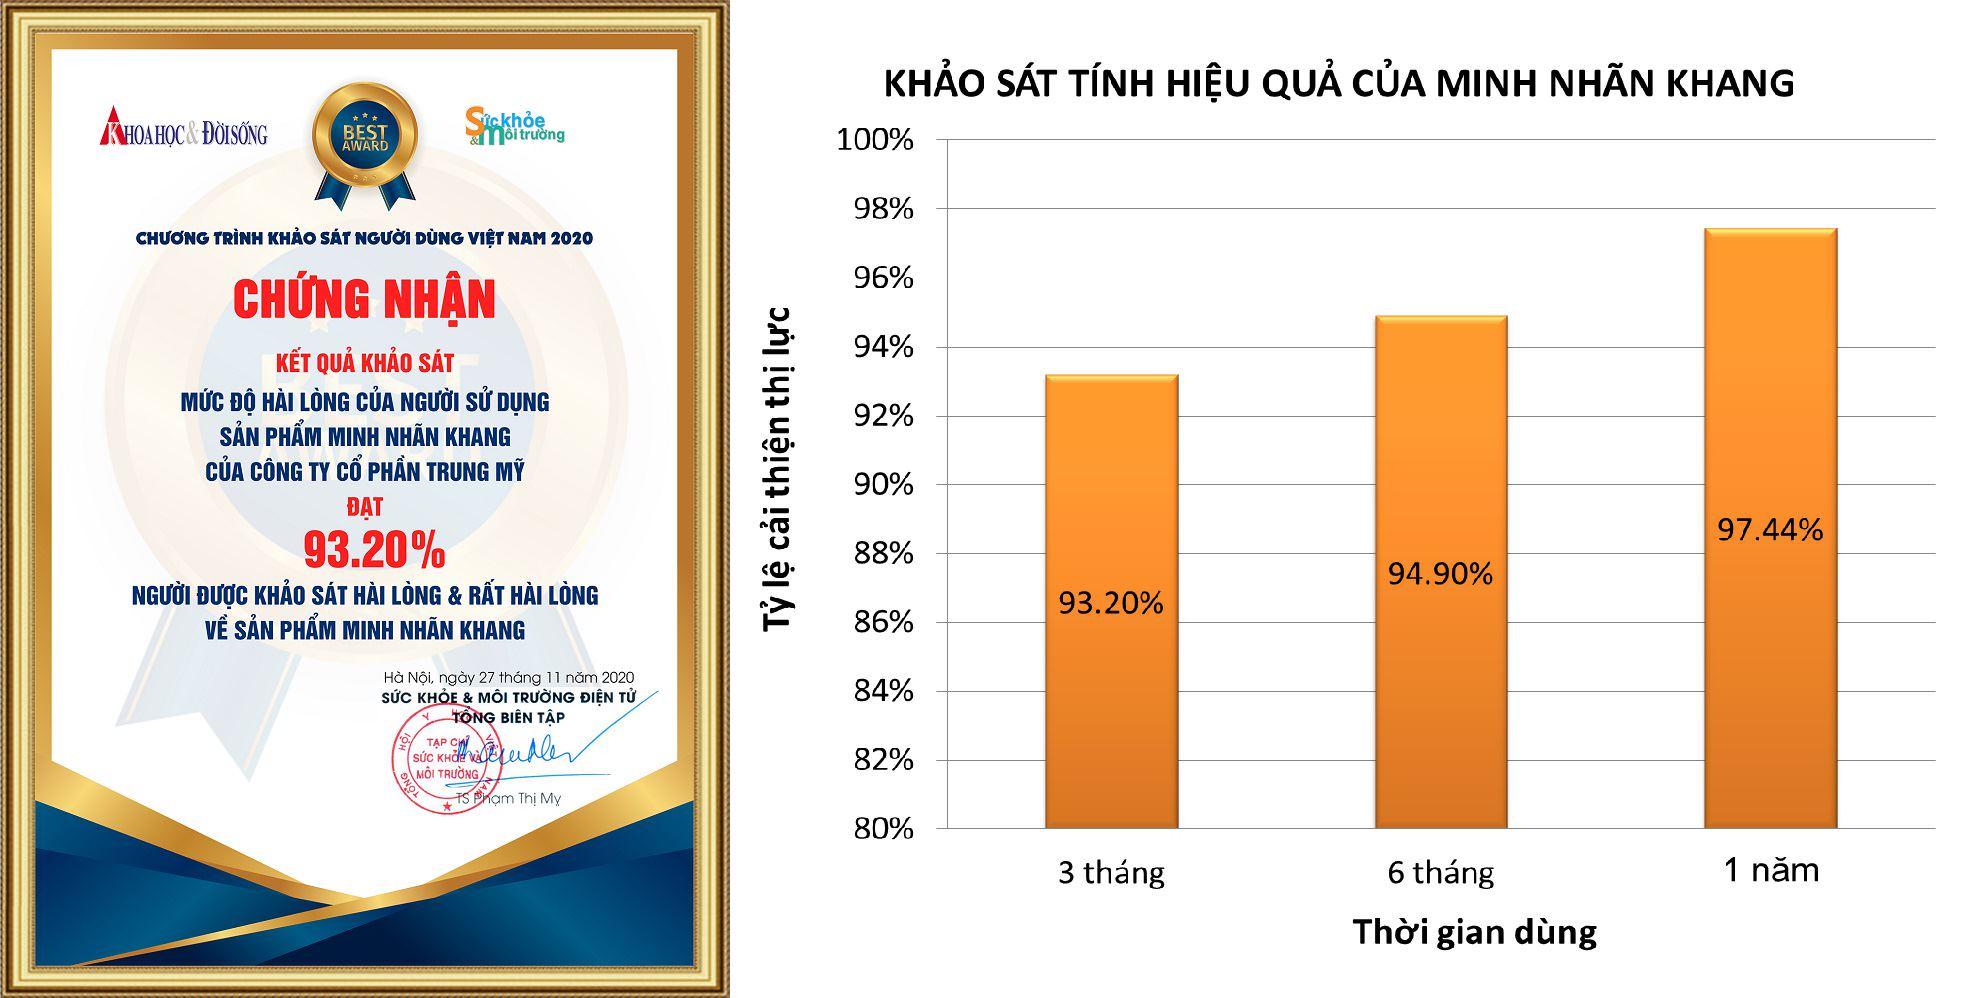 Tpcn Minh Nhãn Khang được chứng nhận là viên bổ mắt hiệu quả tốt hàng đầu